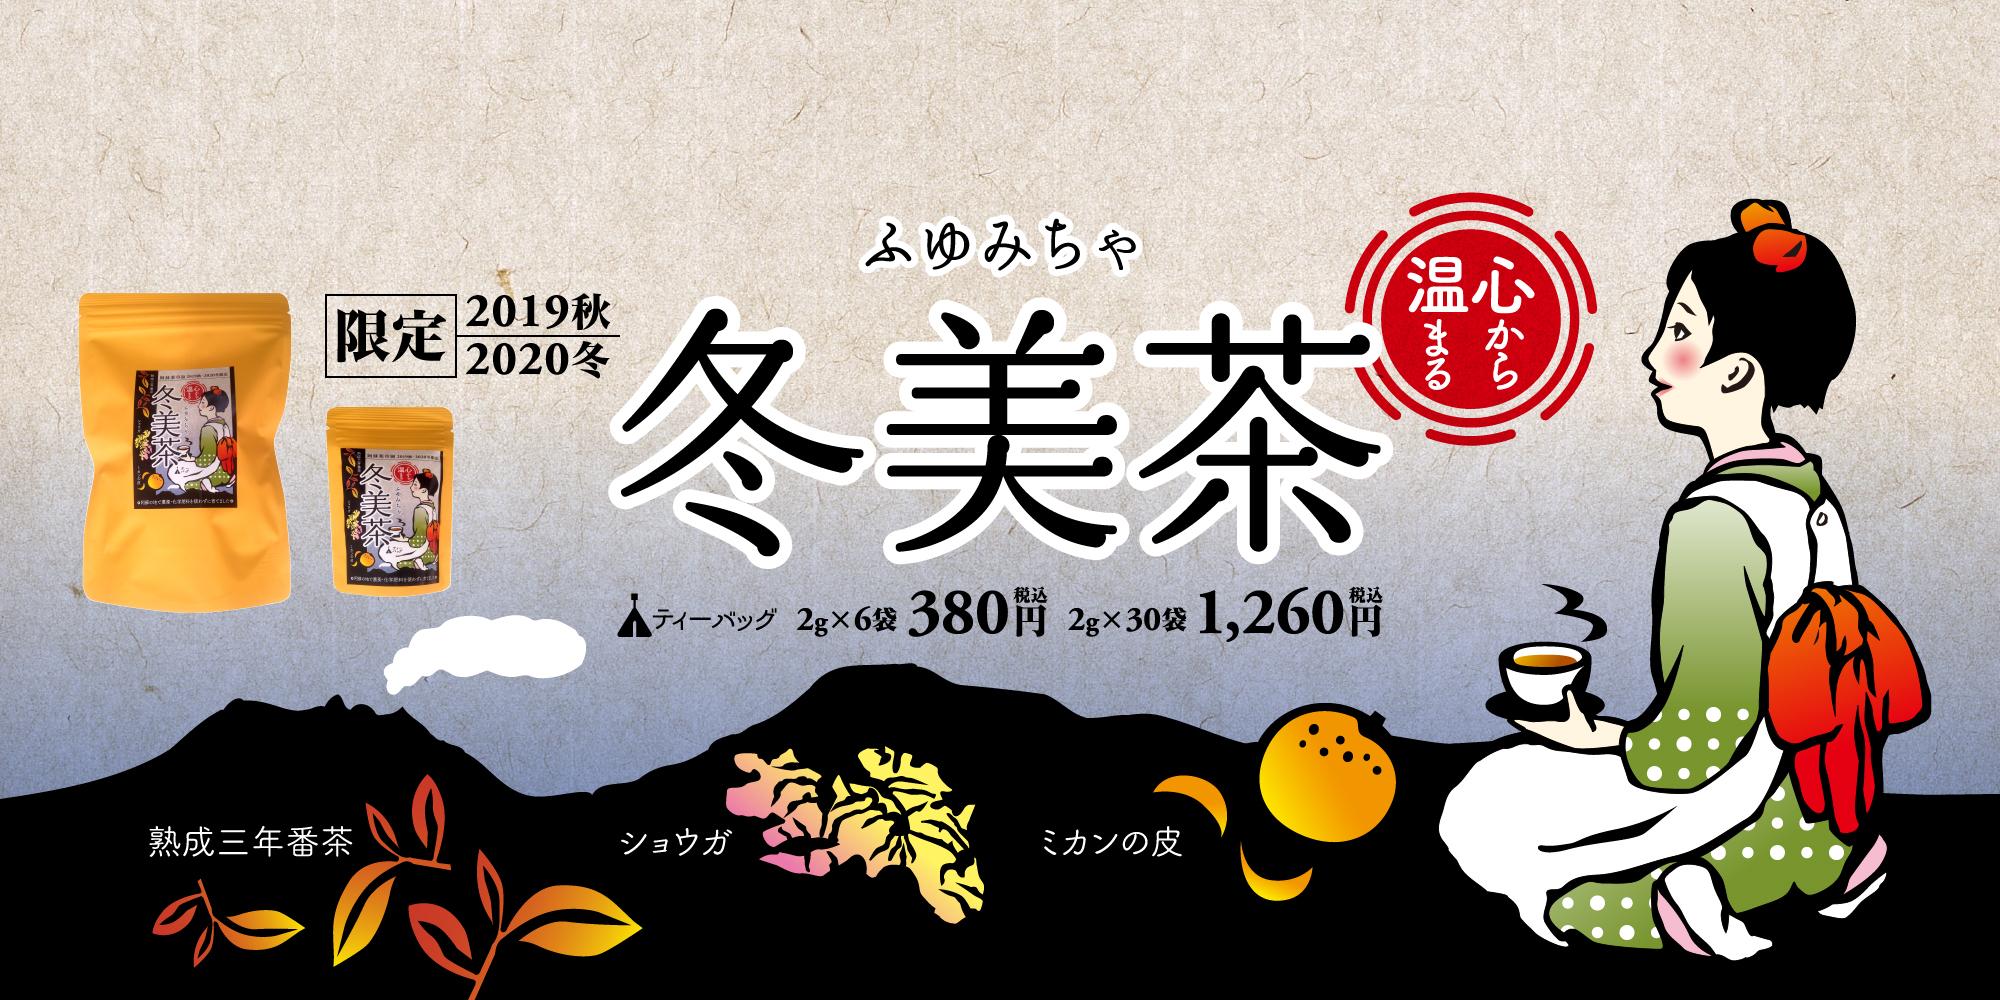 冬美茶 2019秋-2020冬